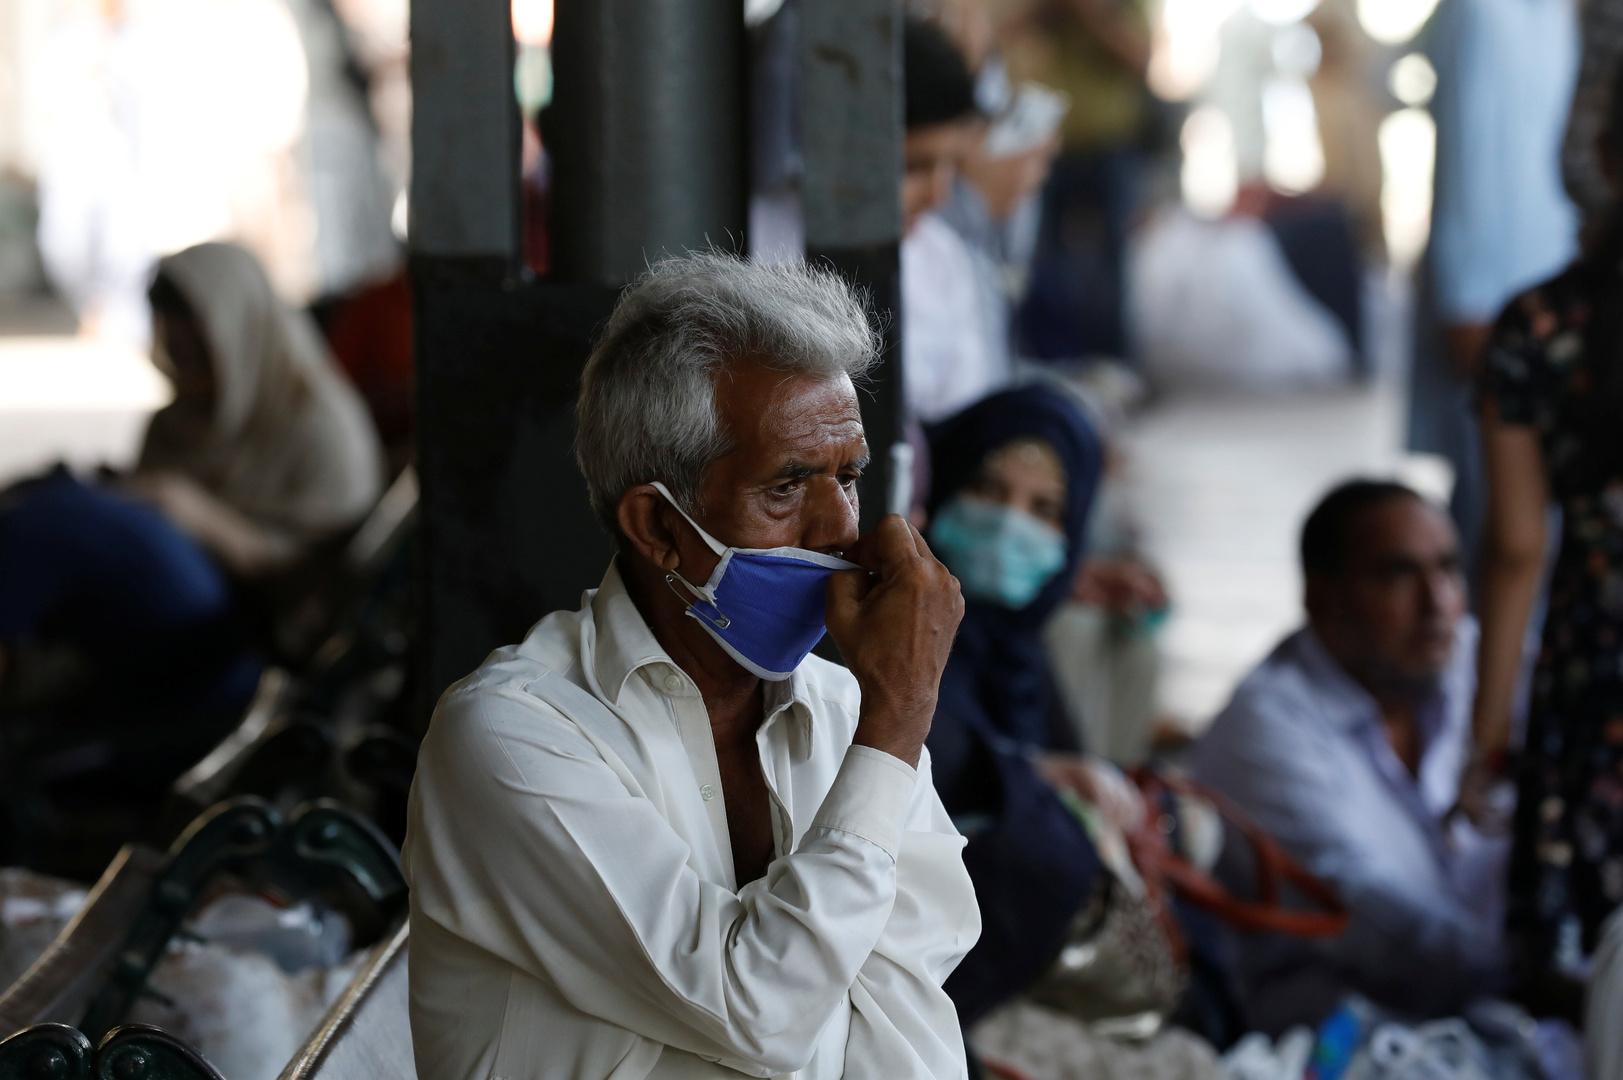 منظمة الصحة العالمية توصي باكستان بإعادة القيود بعد تزايد إصابات كورونا